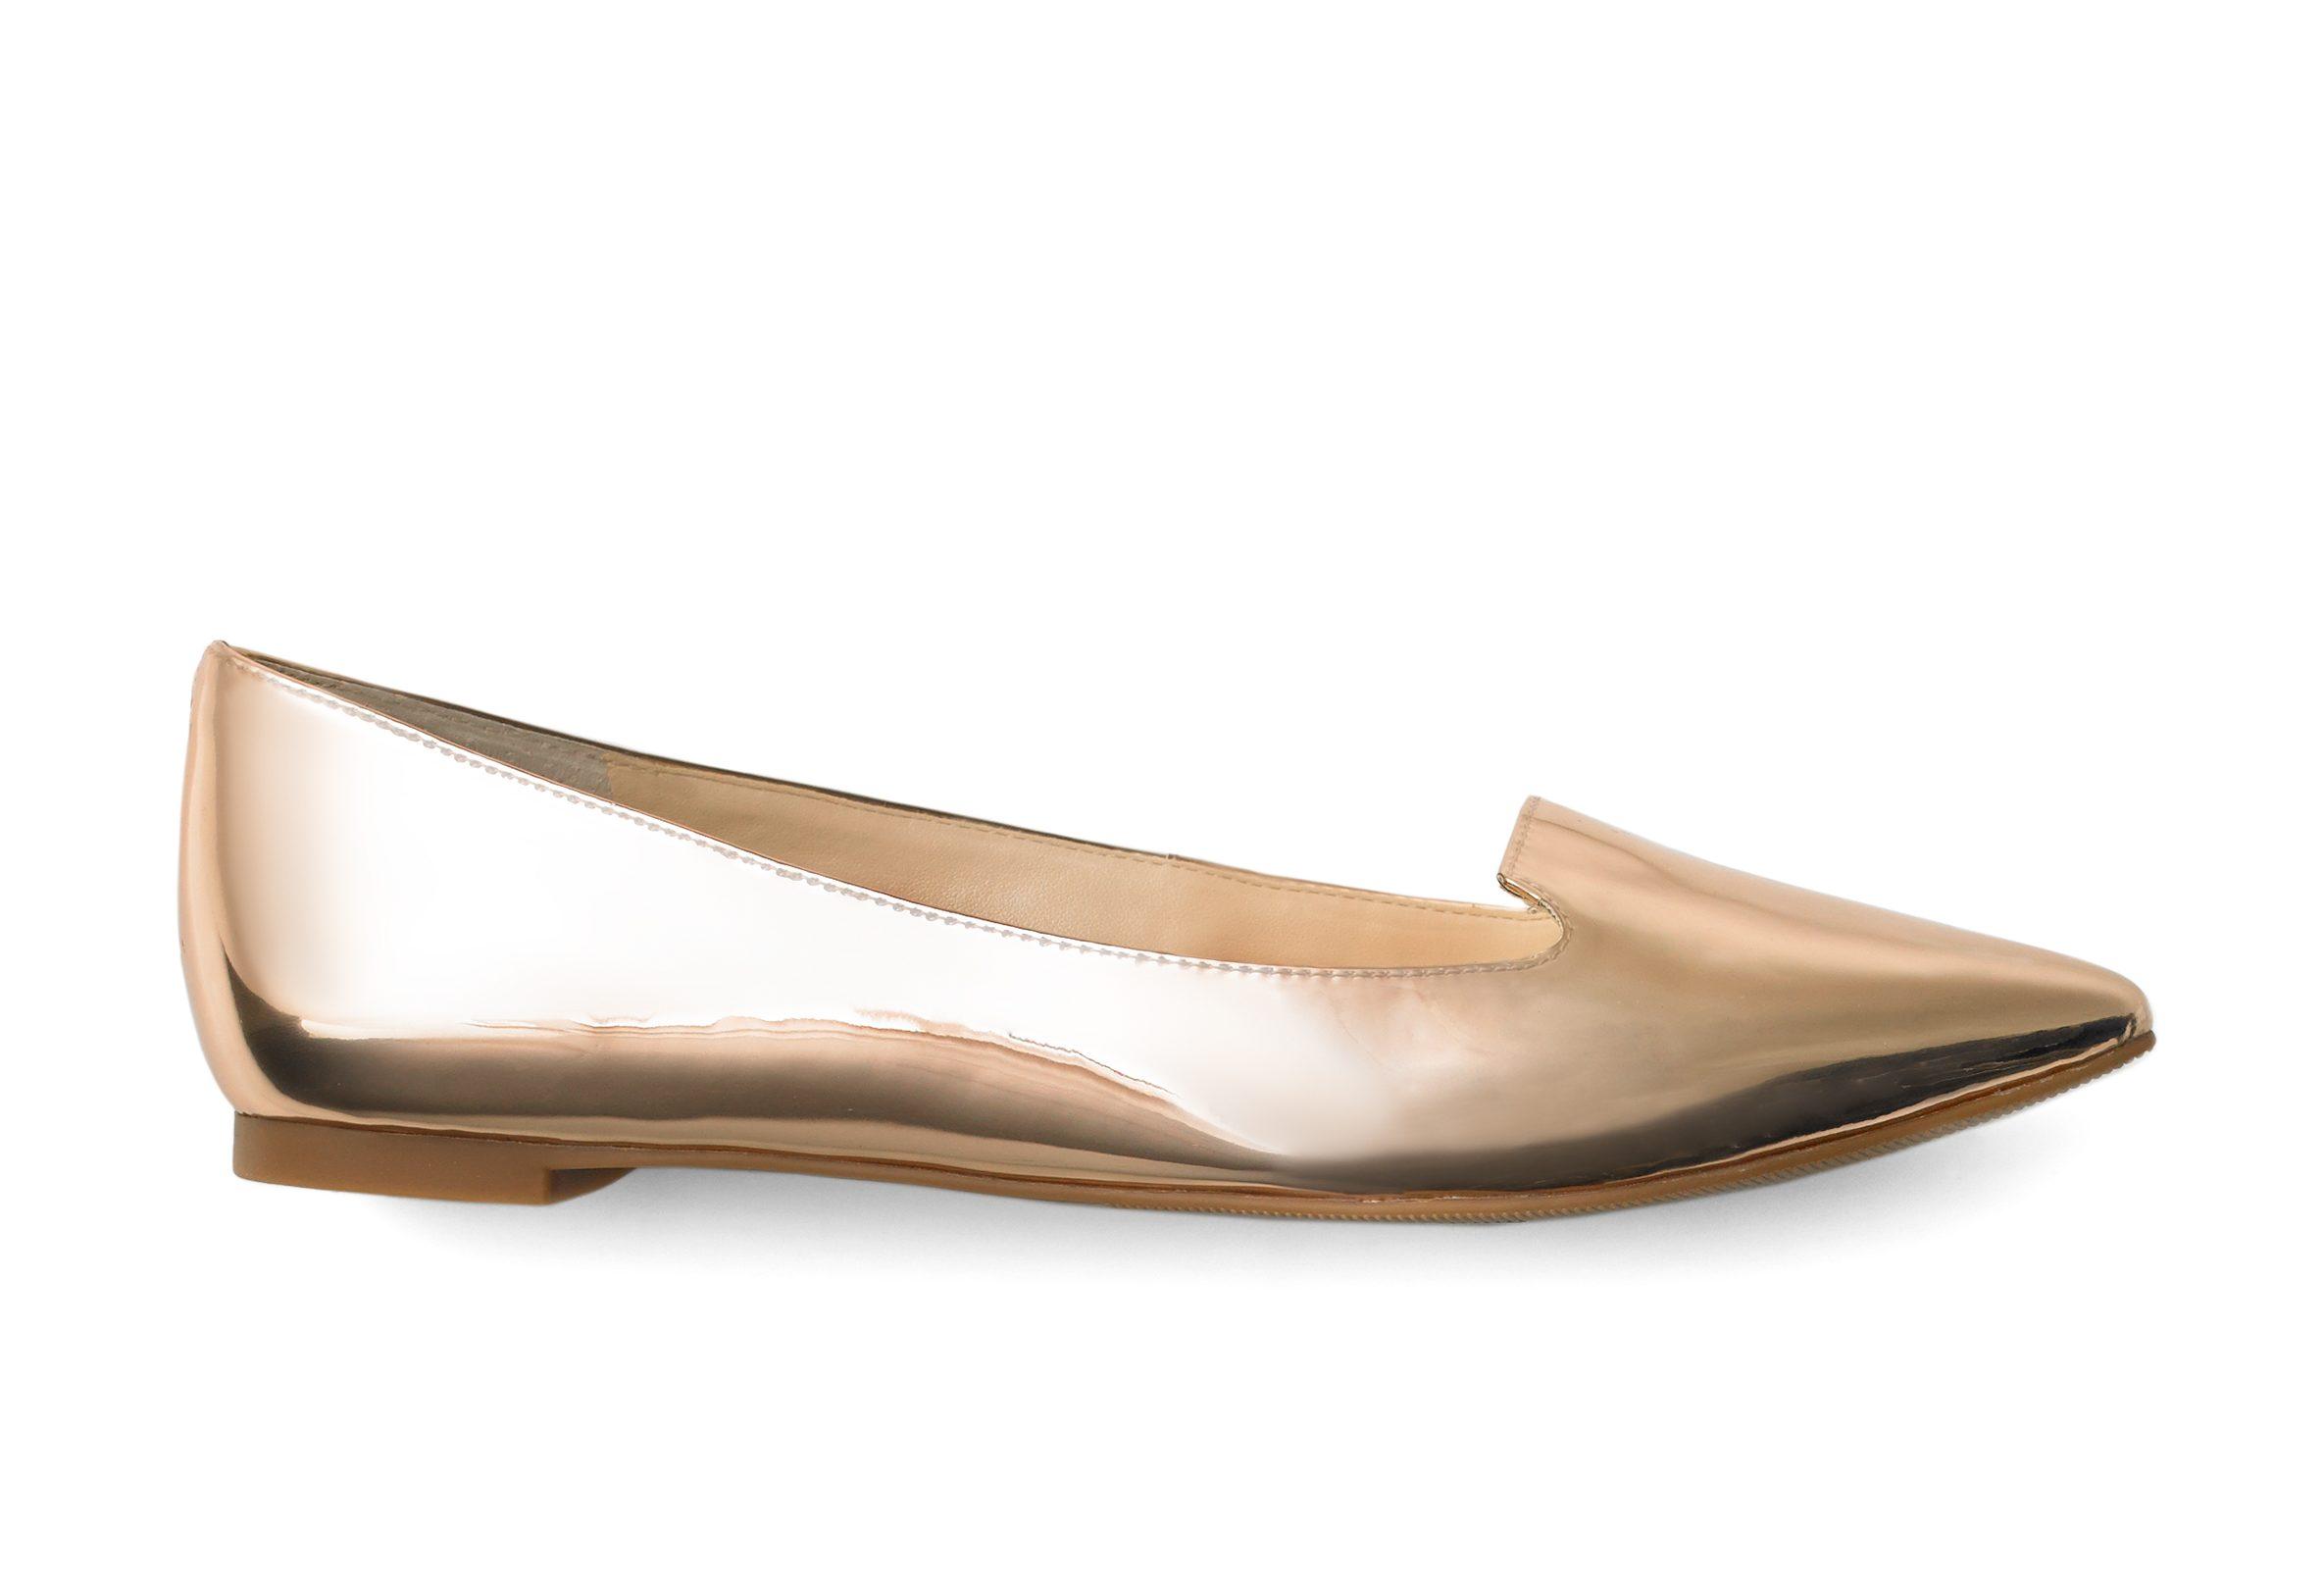 Zapato plano propuesto este año por INC. Costo:$79.50